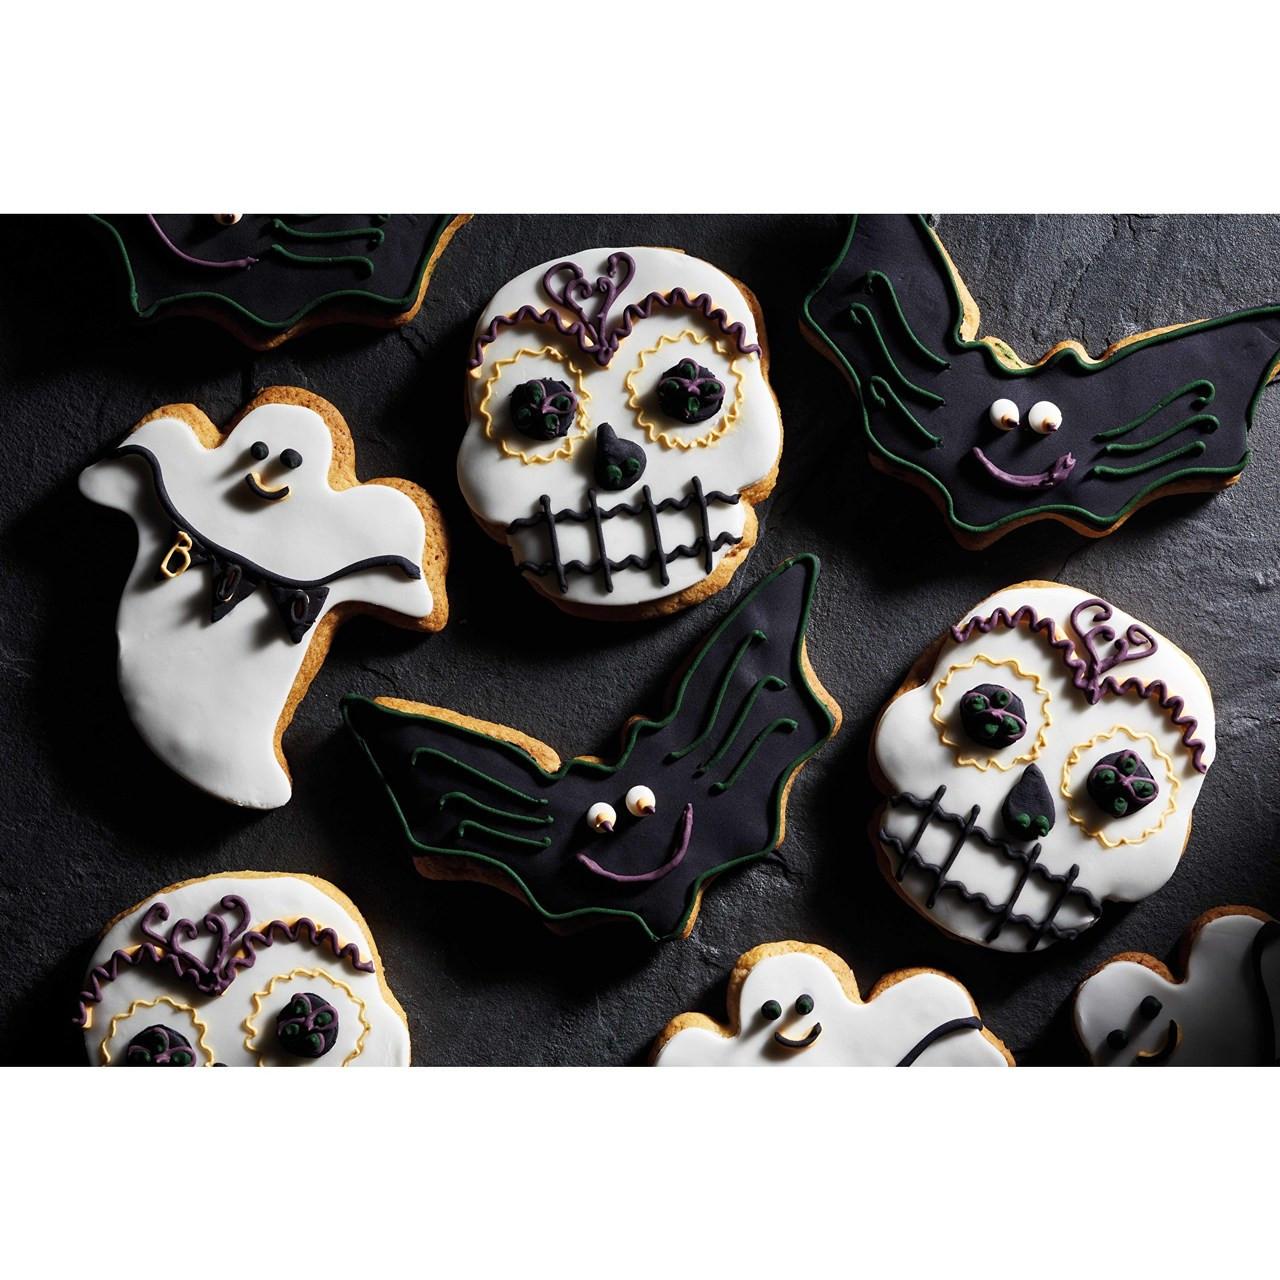 Halloween Cookie Cutter & Spatula